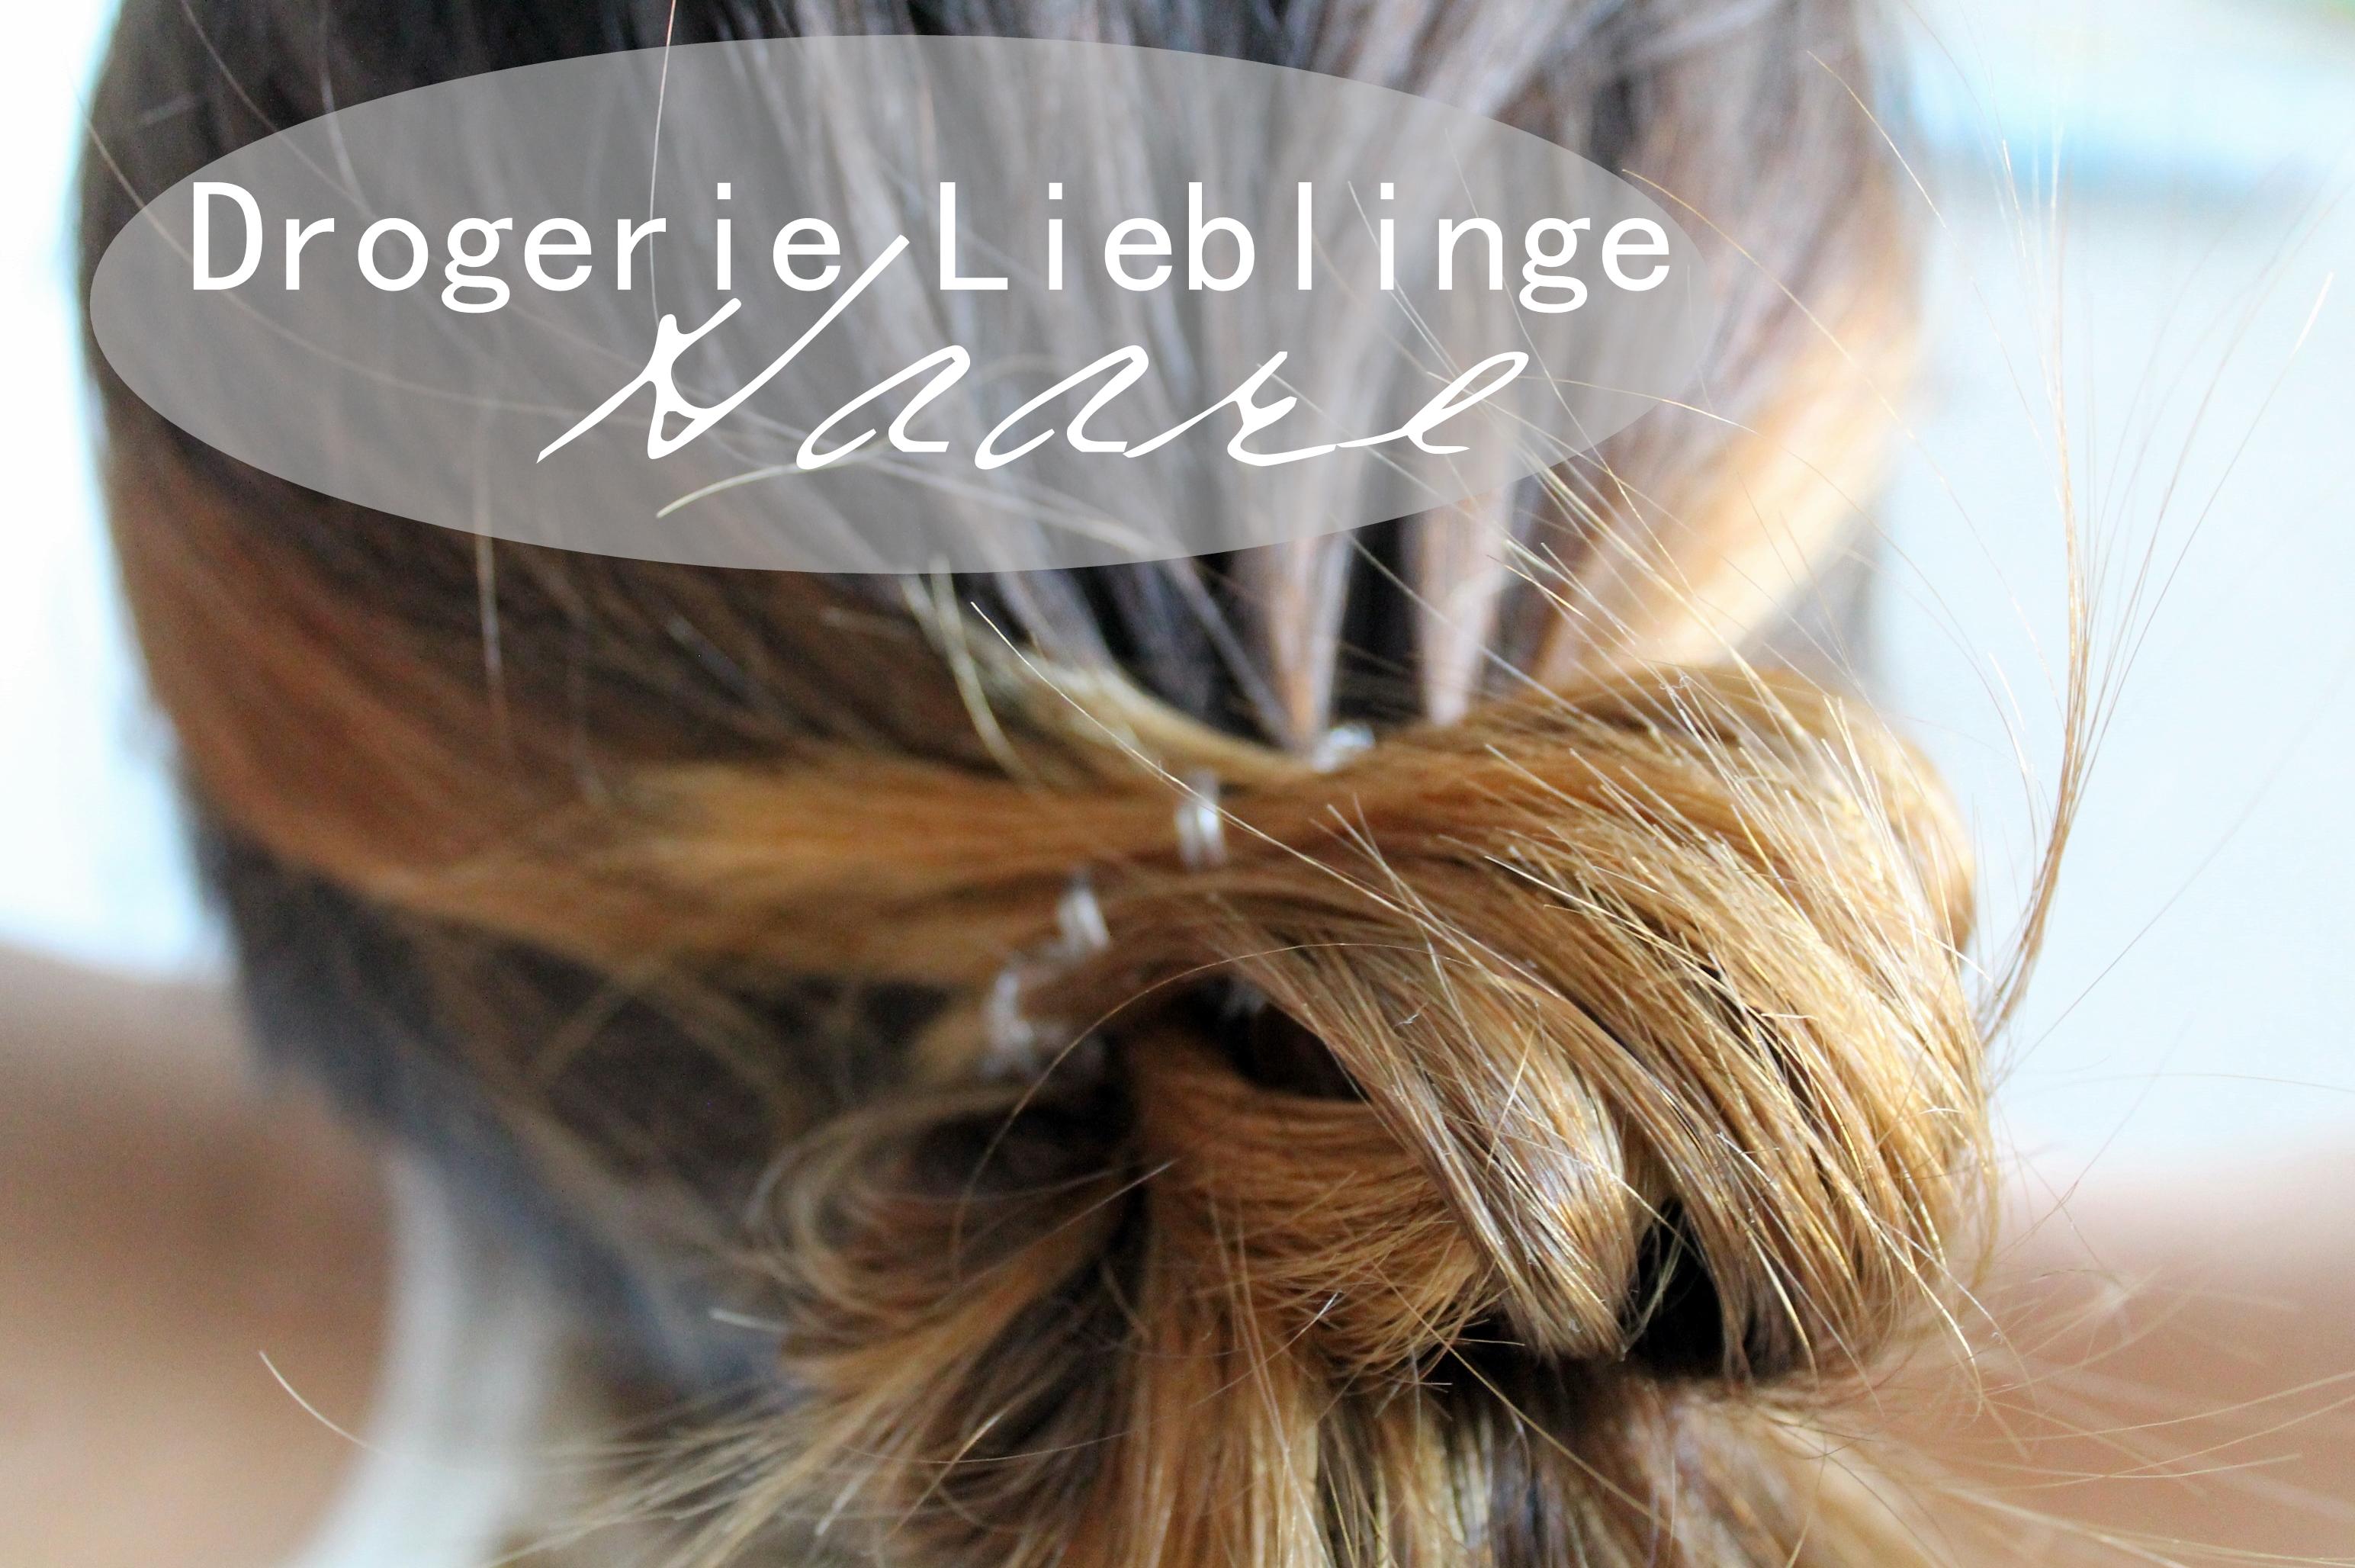 Drogerie Lieblinge Haare